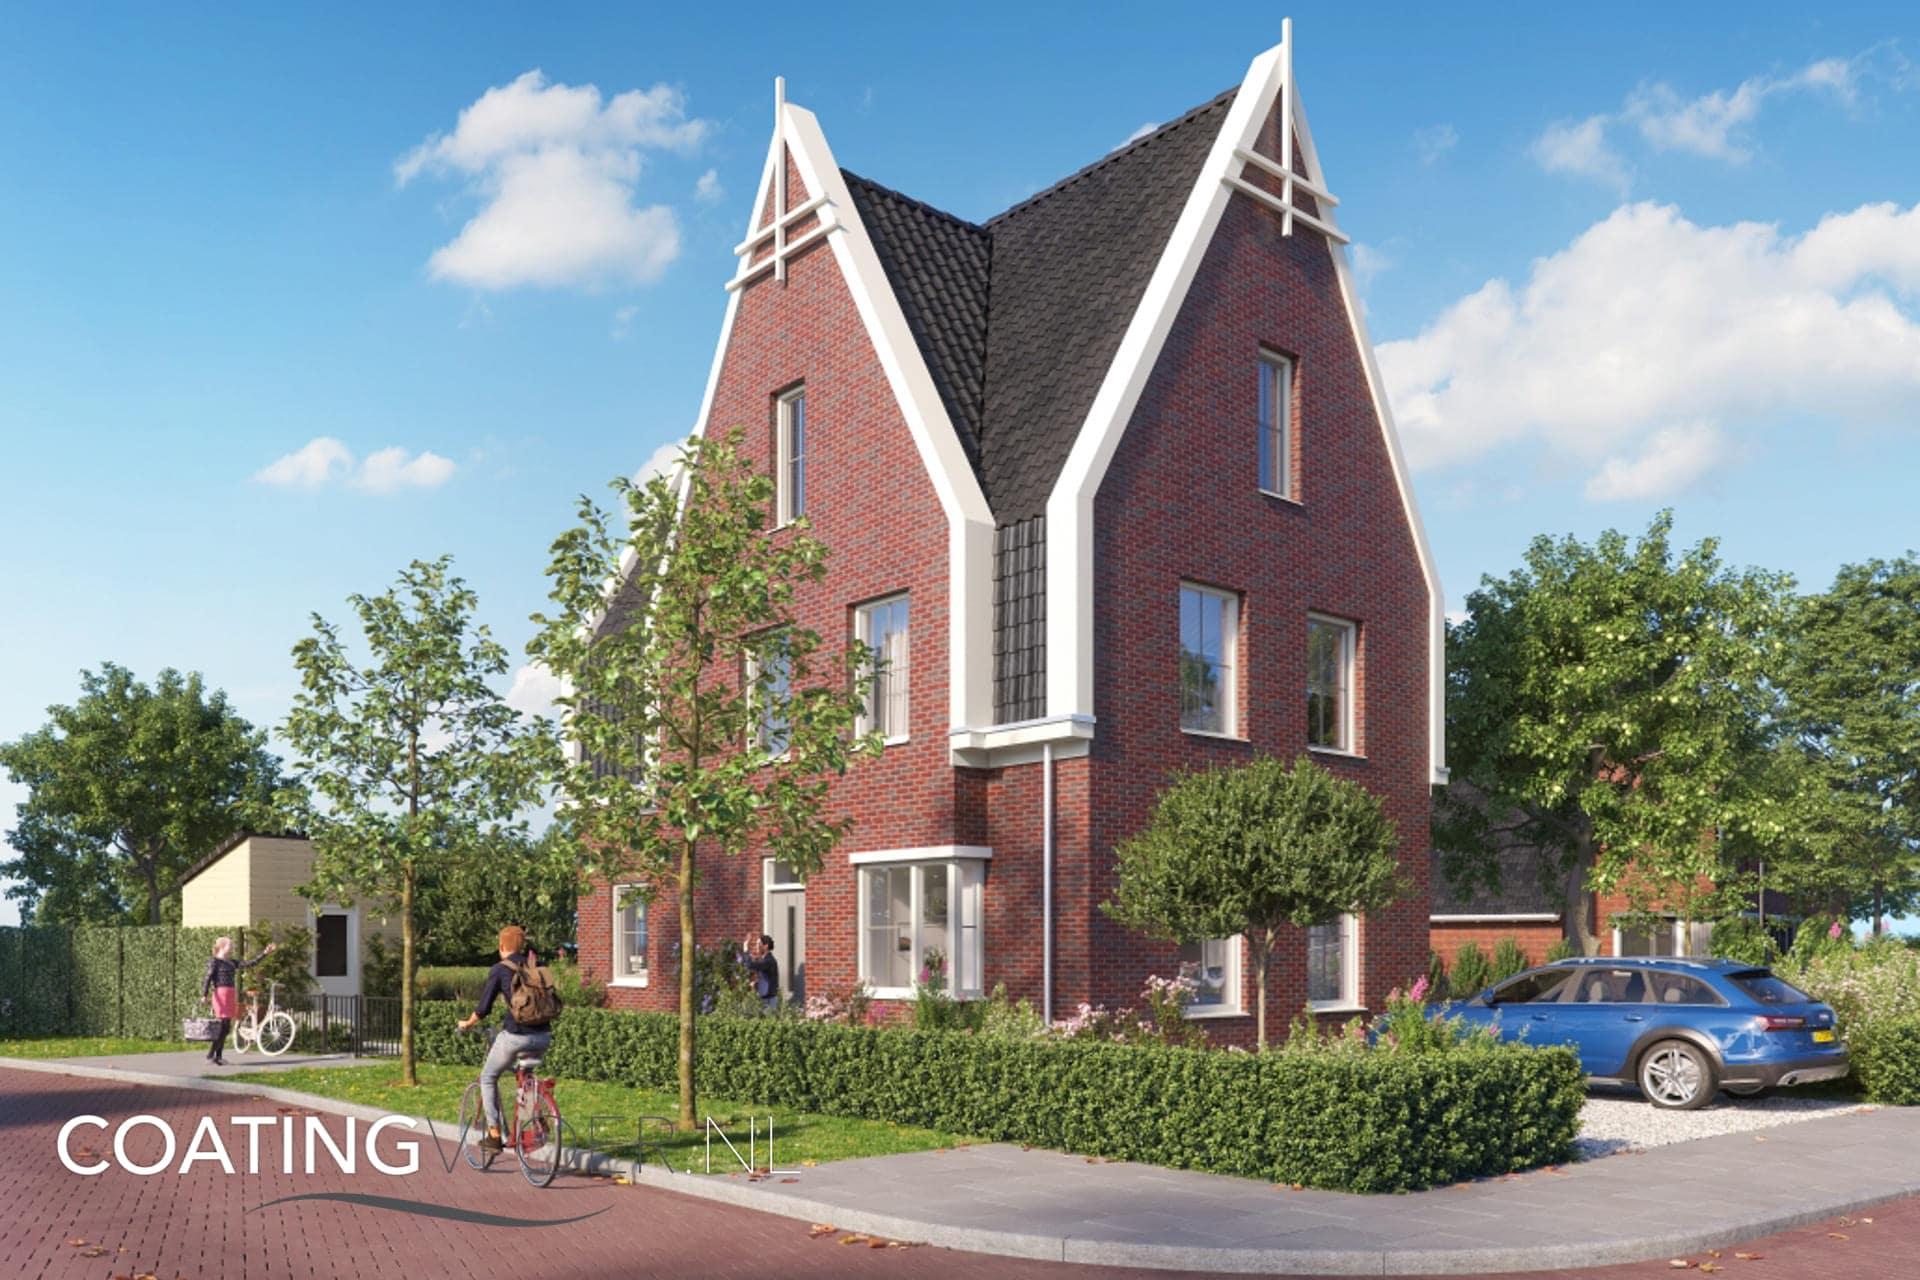 Gietvloer in nieuwbouwwijk Westend Utrecht